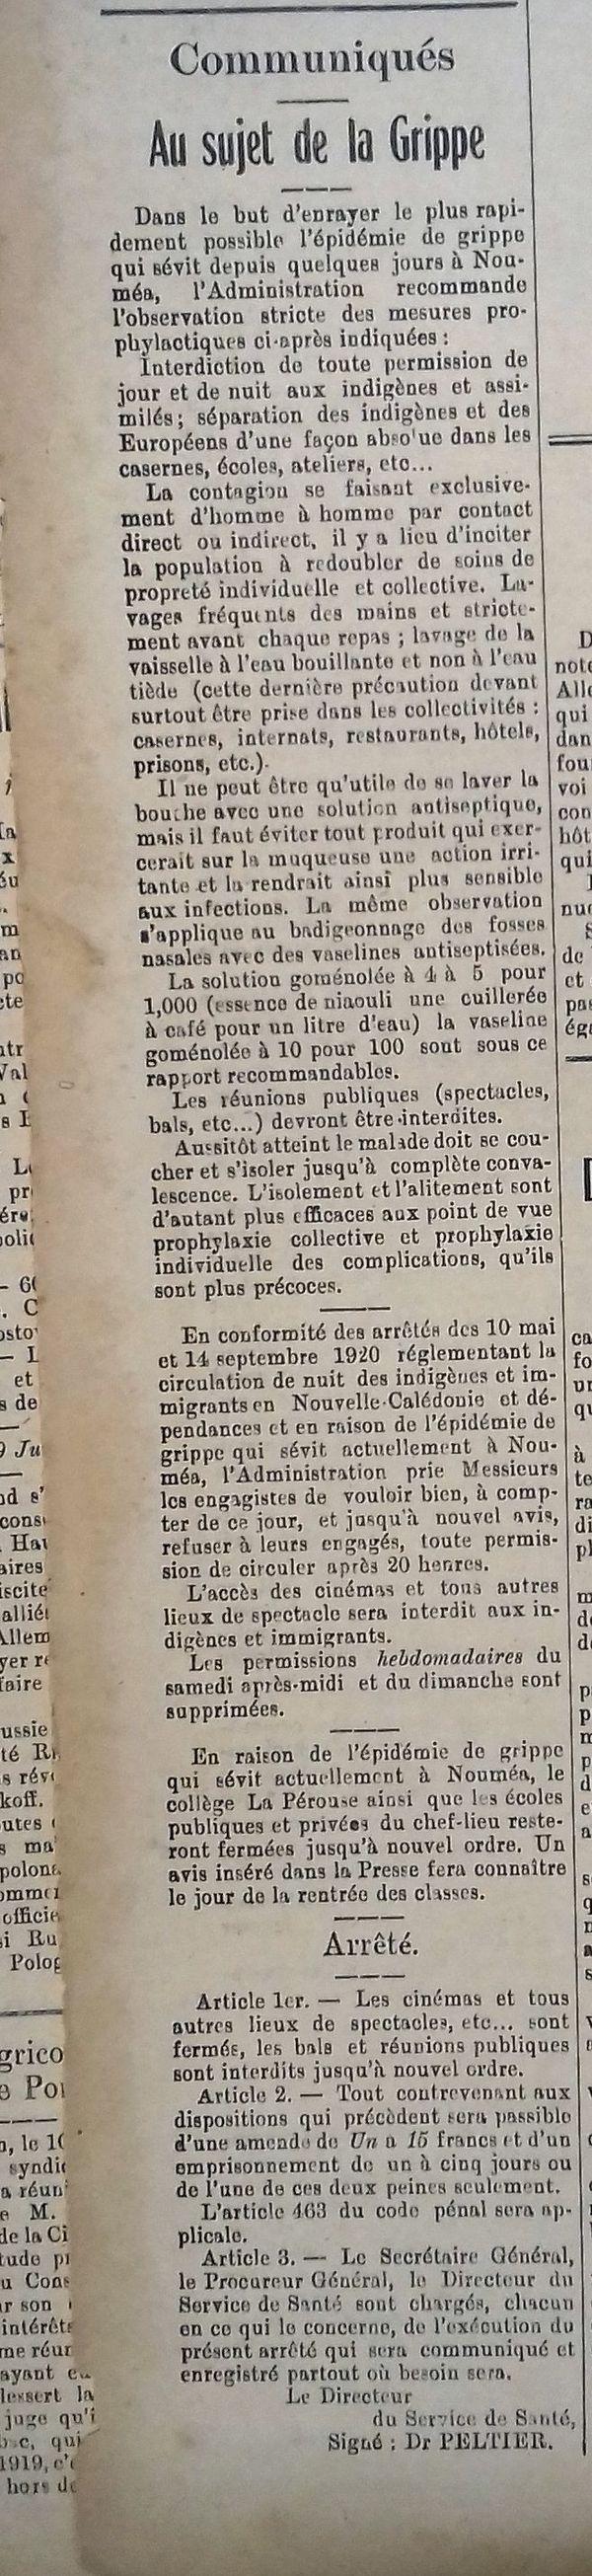 Article grippe espagnole 1921